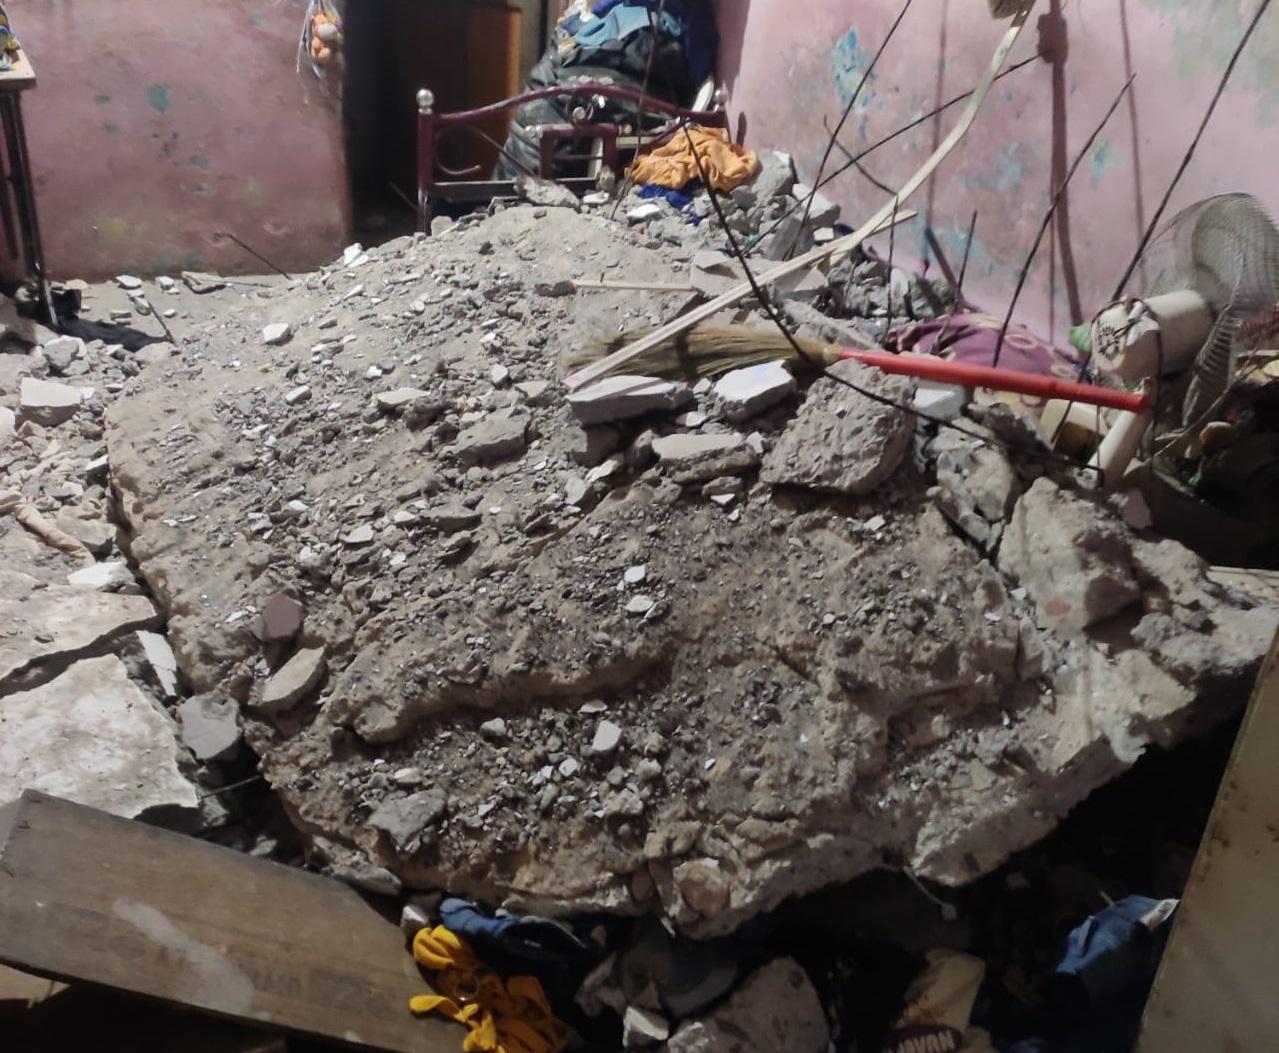 સુરતના ઉધનામાં નિદ્રાધીન પરિવાર પર મકાનનો સ્લેબ પડ્યો, બે બાળકોનાં મોત, જ્યારે માતા-પિતાનો ચમત્કારિક રીતે બચાવ|સુરત,Surat - Divya Bhaskar